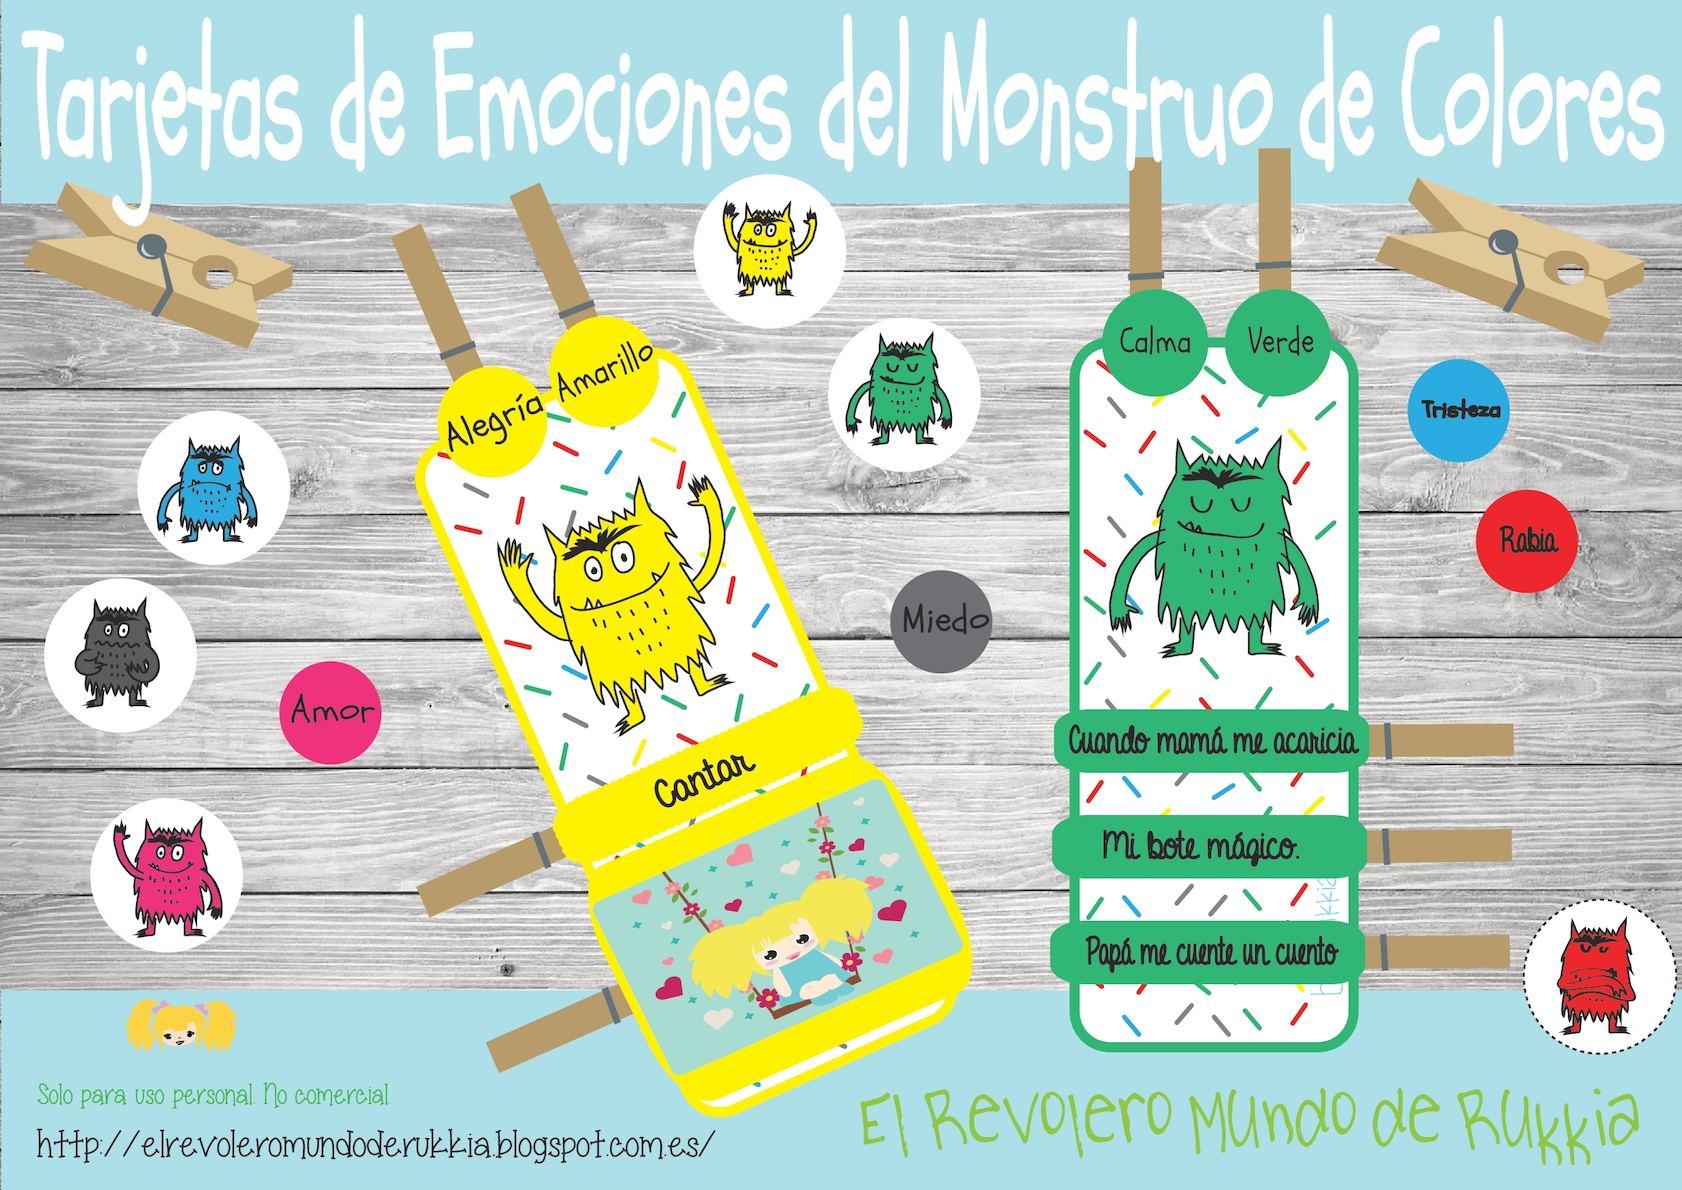 Calameo Tarjetas De Emociones Del Monstruo De Colores A4